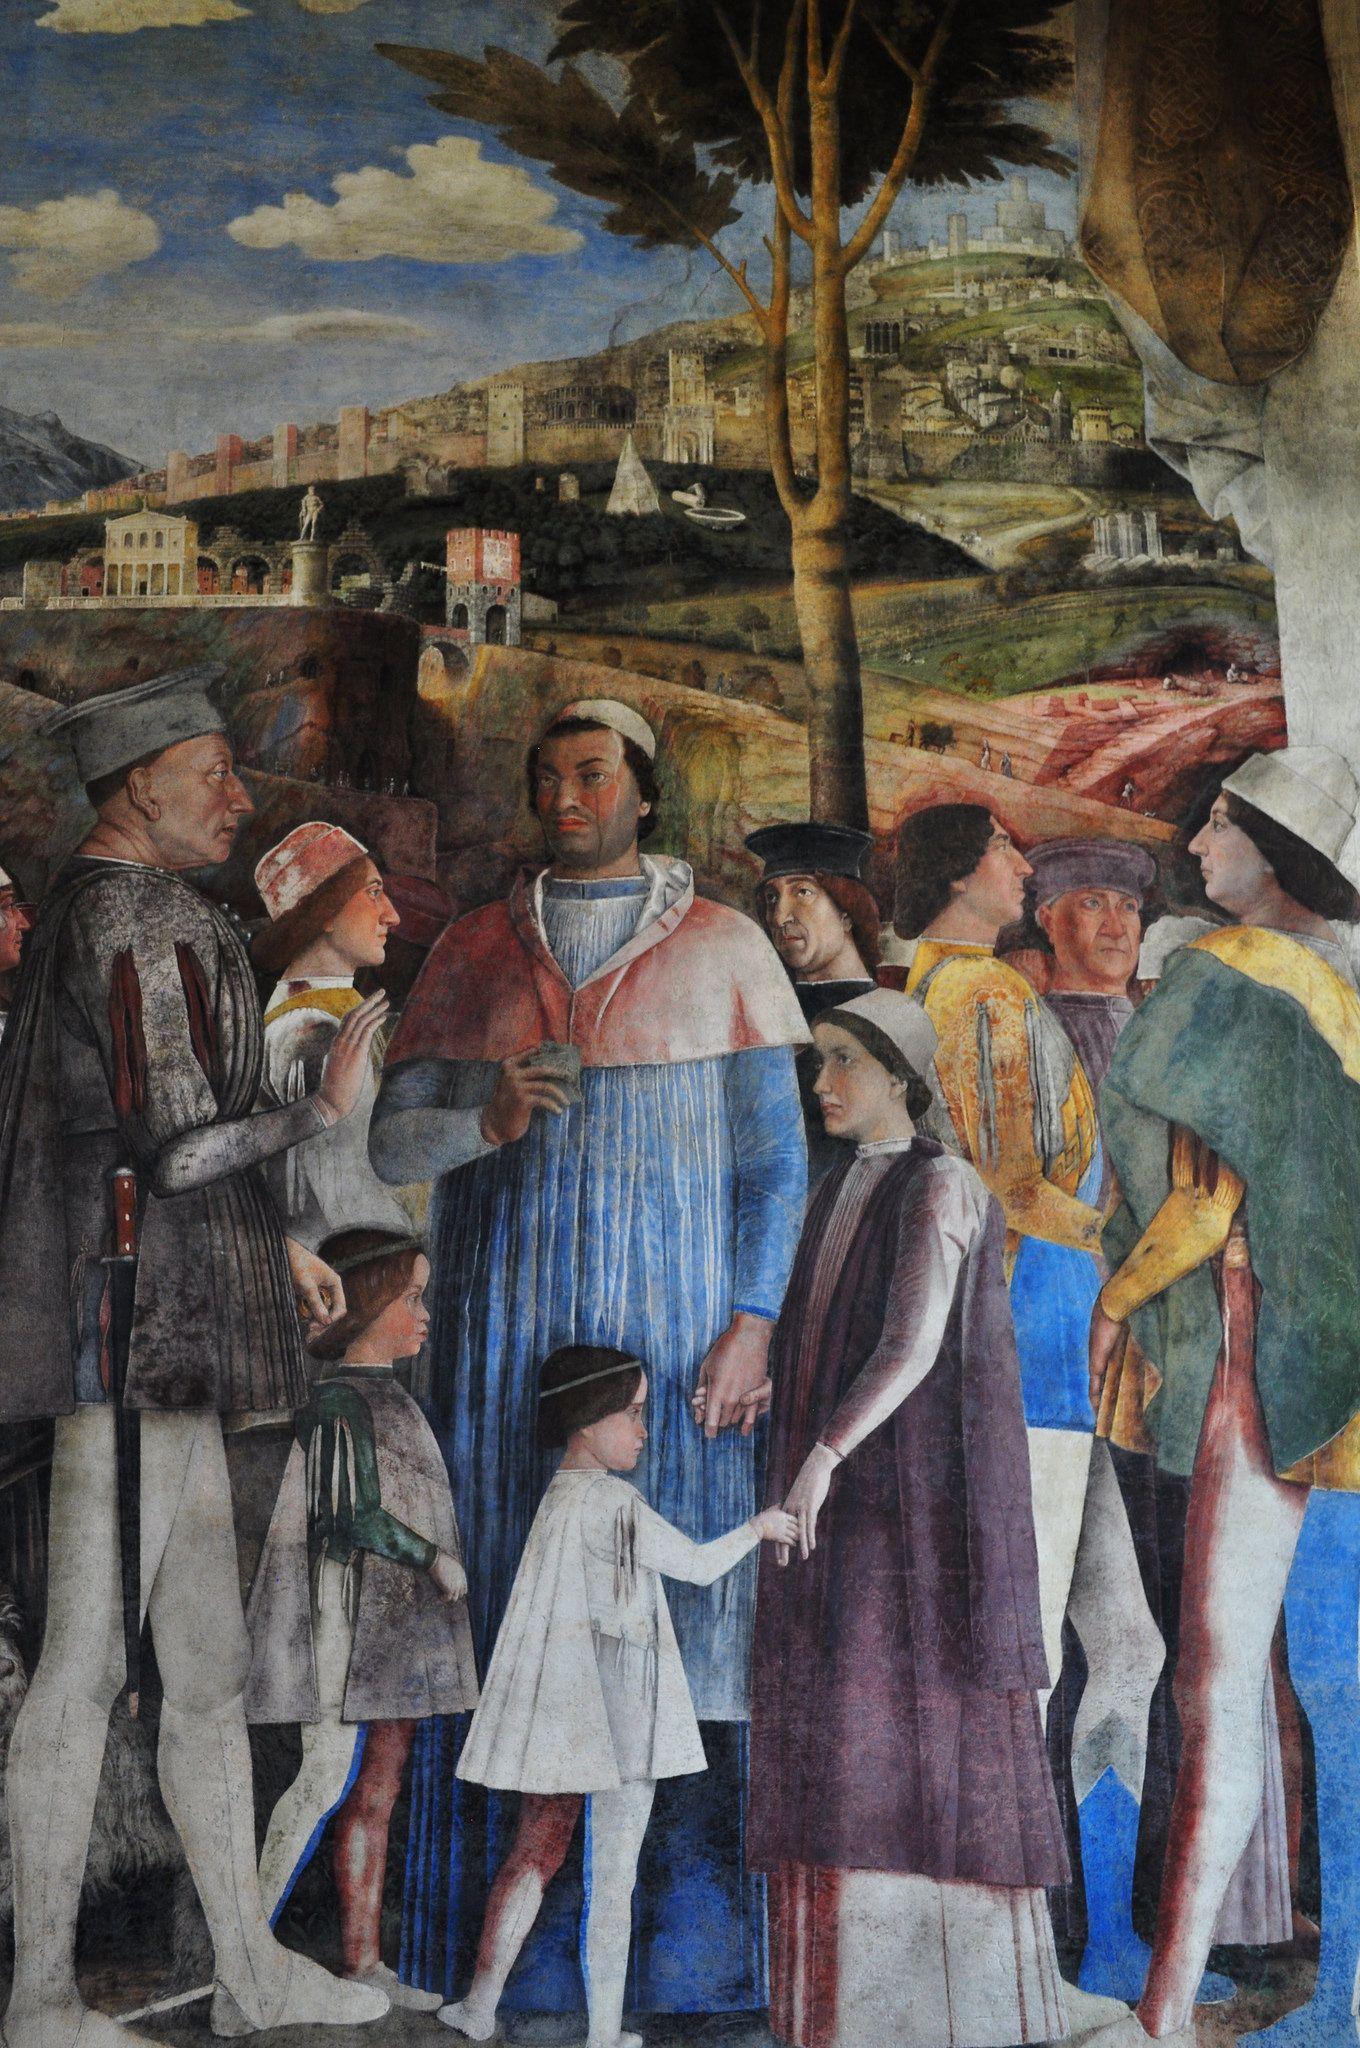 rencontre mur gay artists a Villeneuve Saint Georges